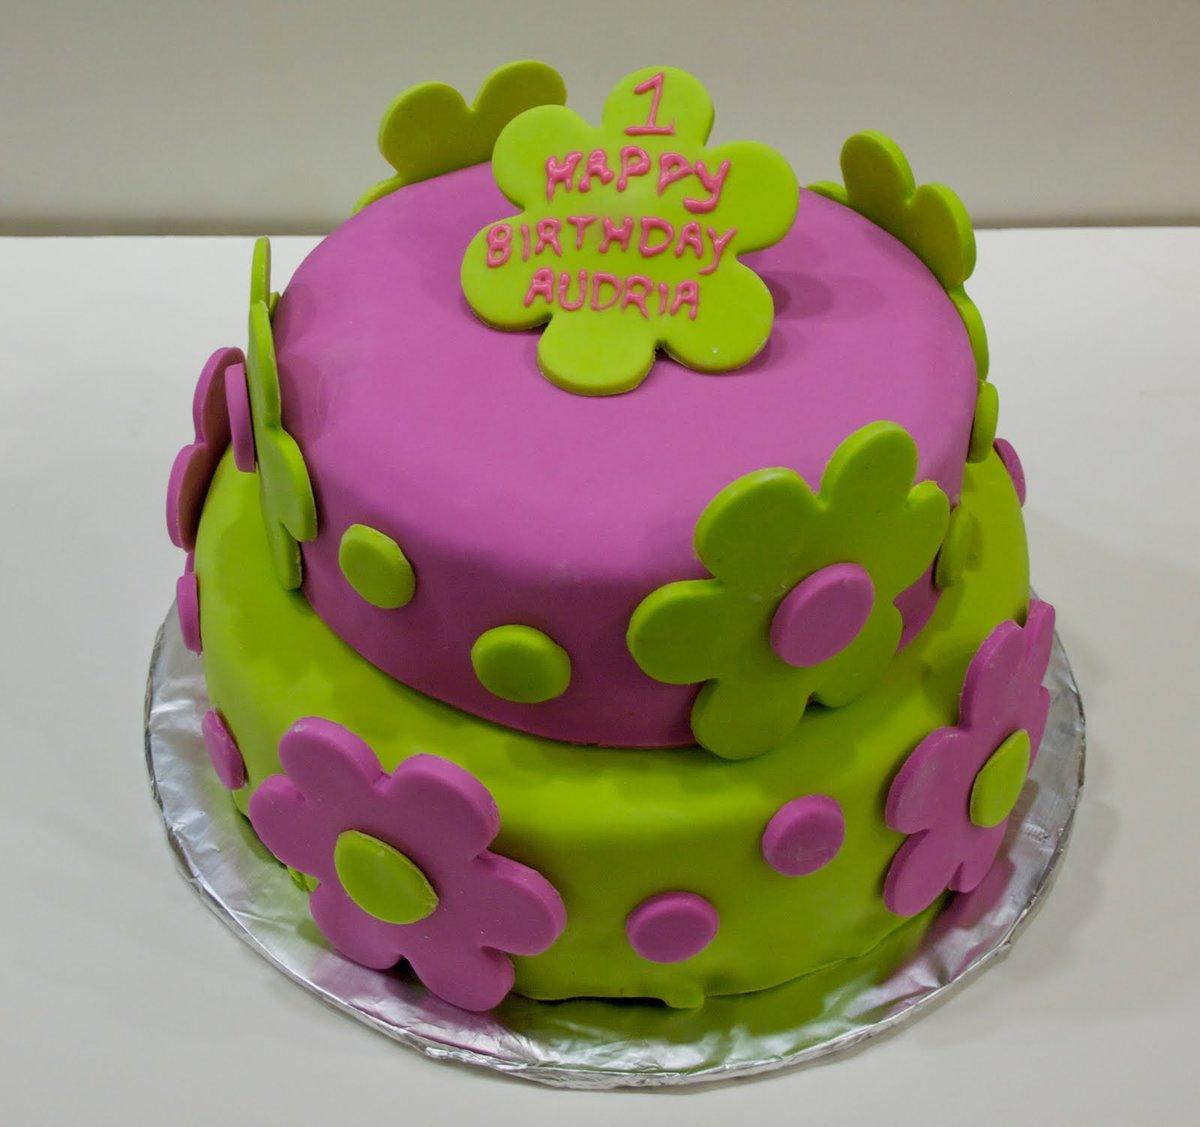 Тортики картинки для девочек, днем рождения внуку